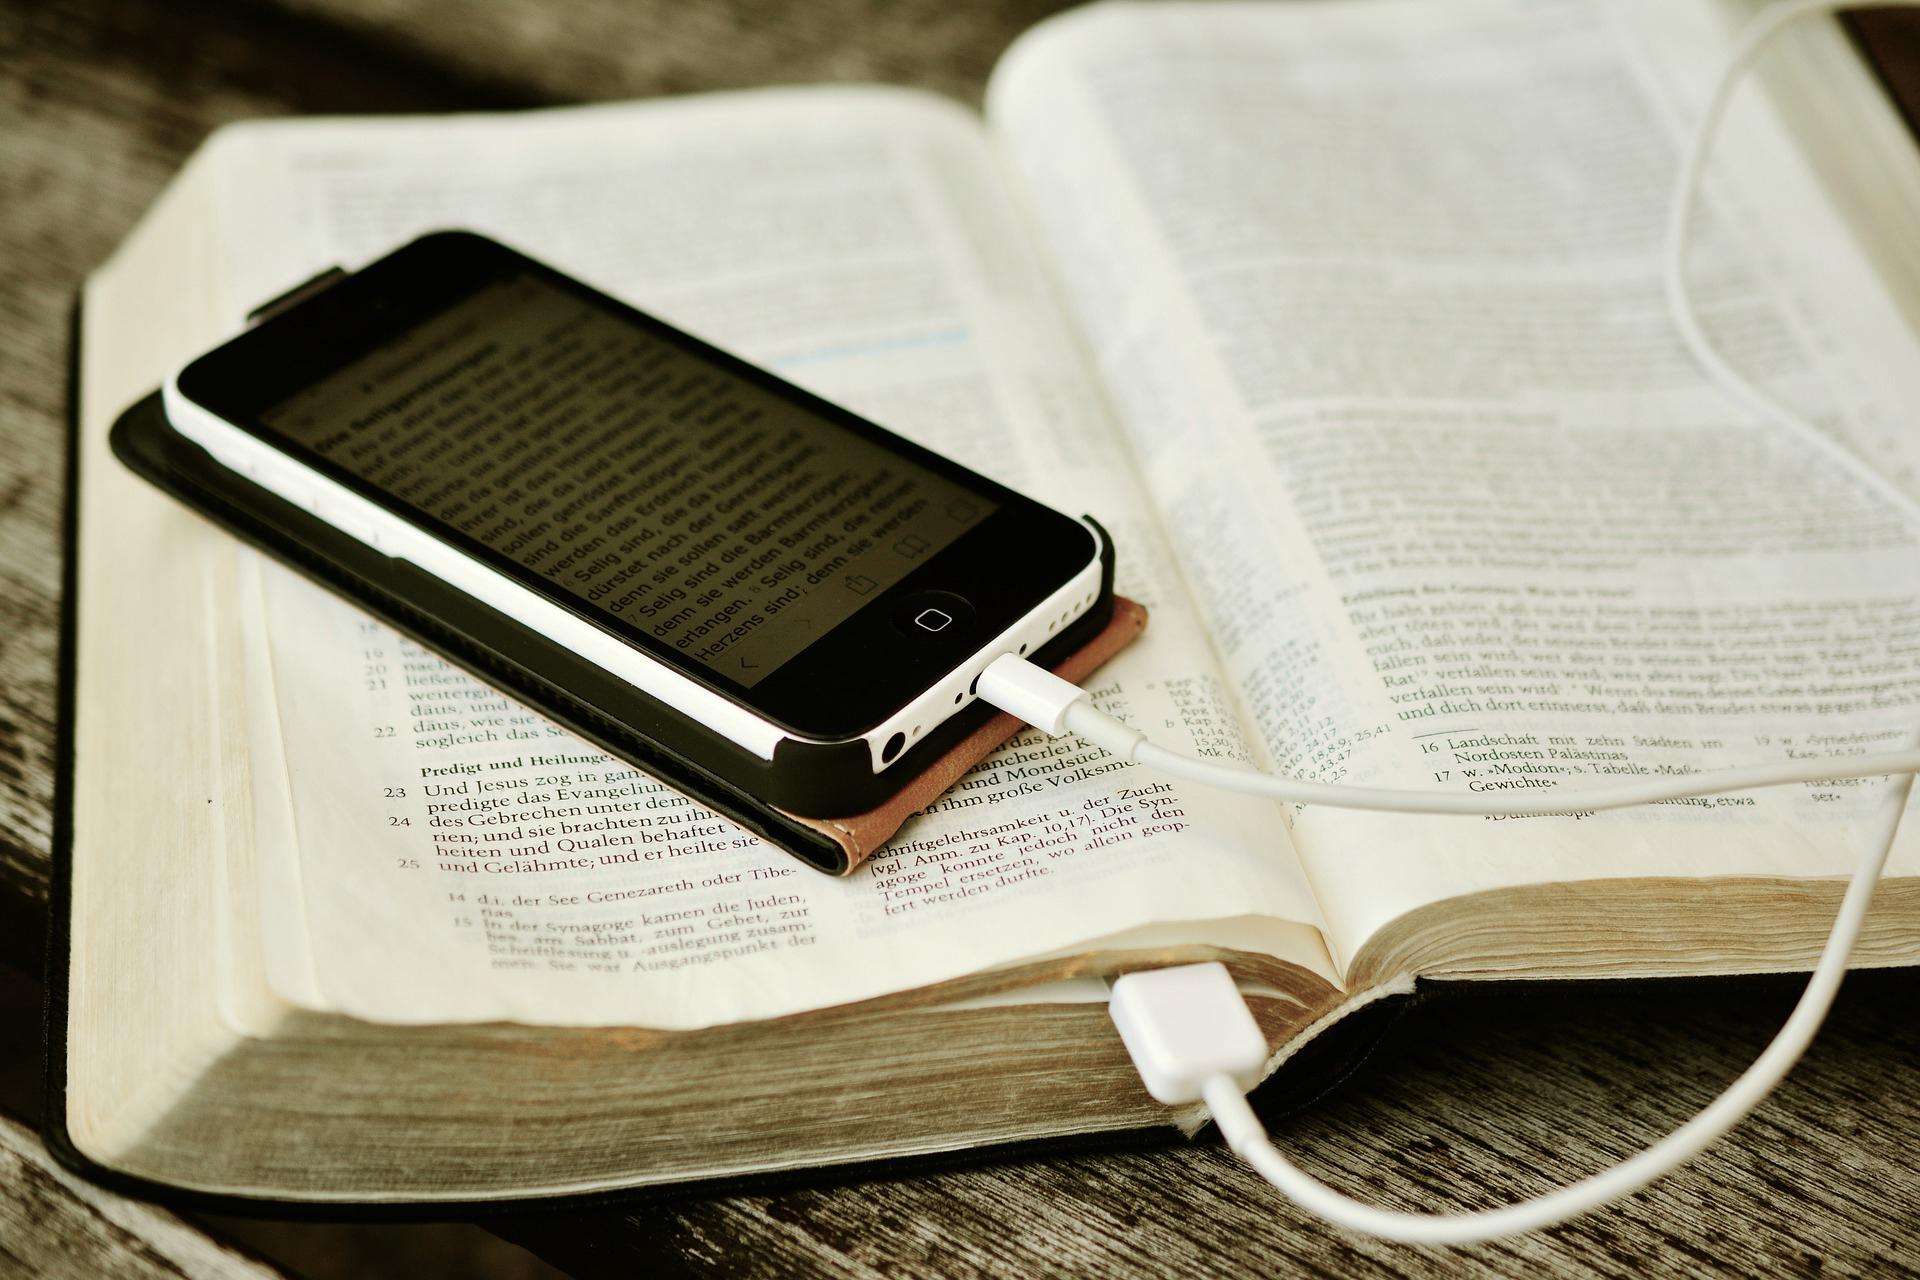 Digital Scripture [One Minute Feature]